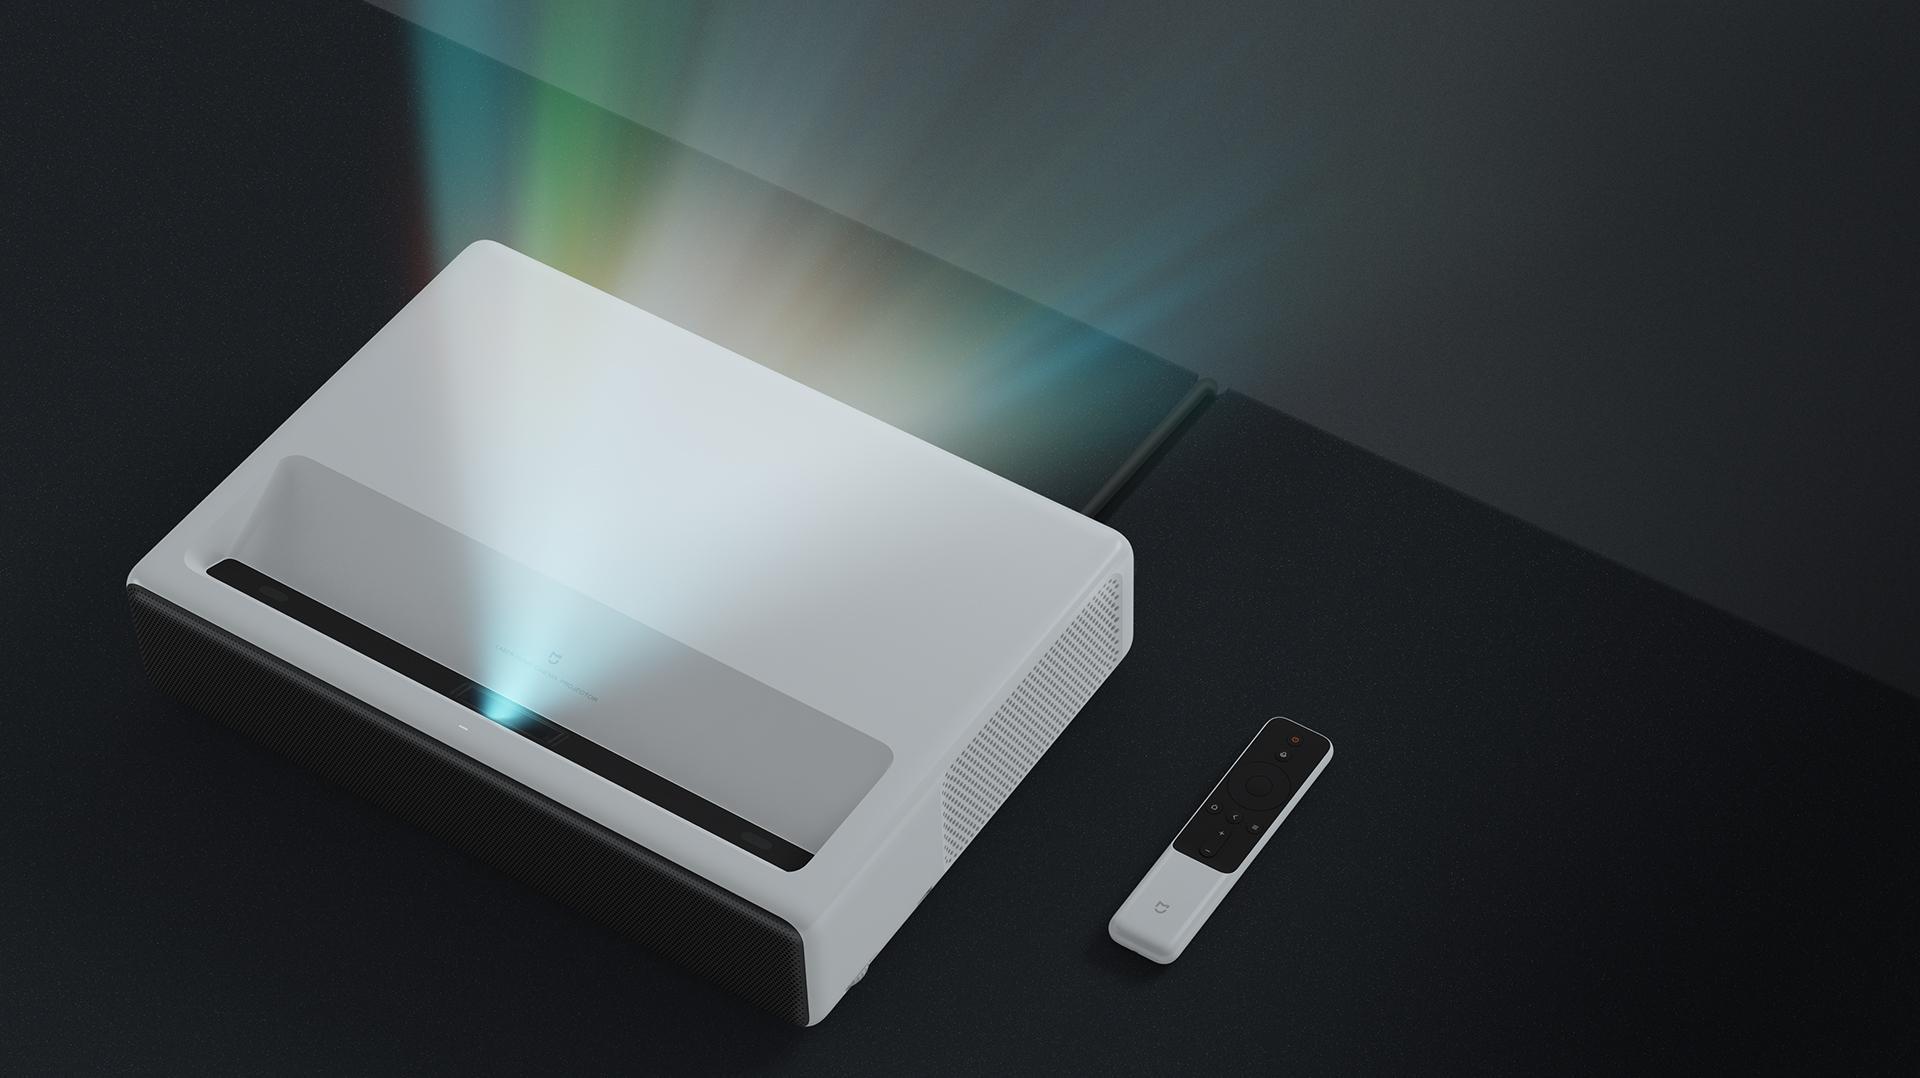 小米150吋激光投影电视来了,价格够狠